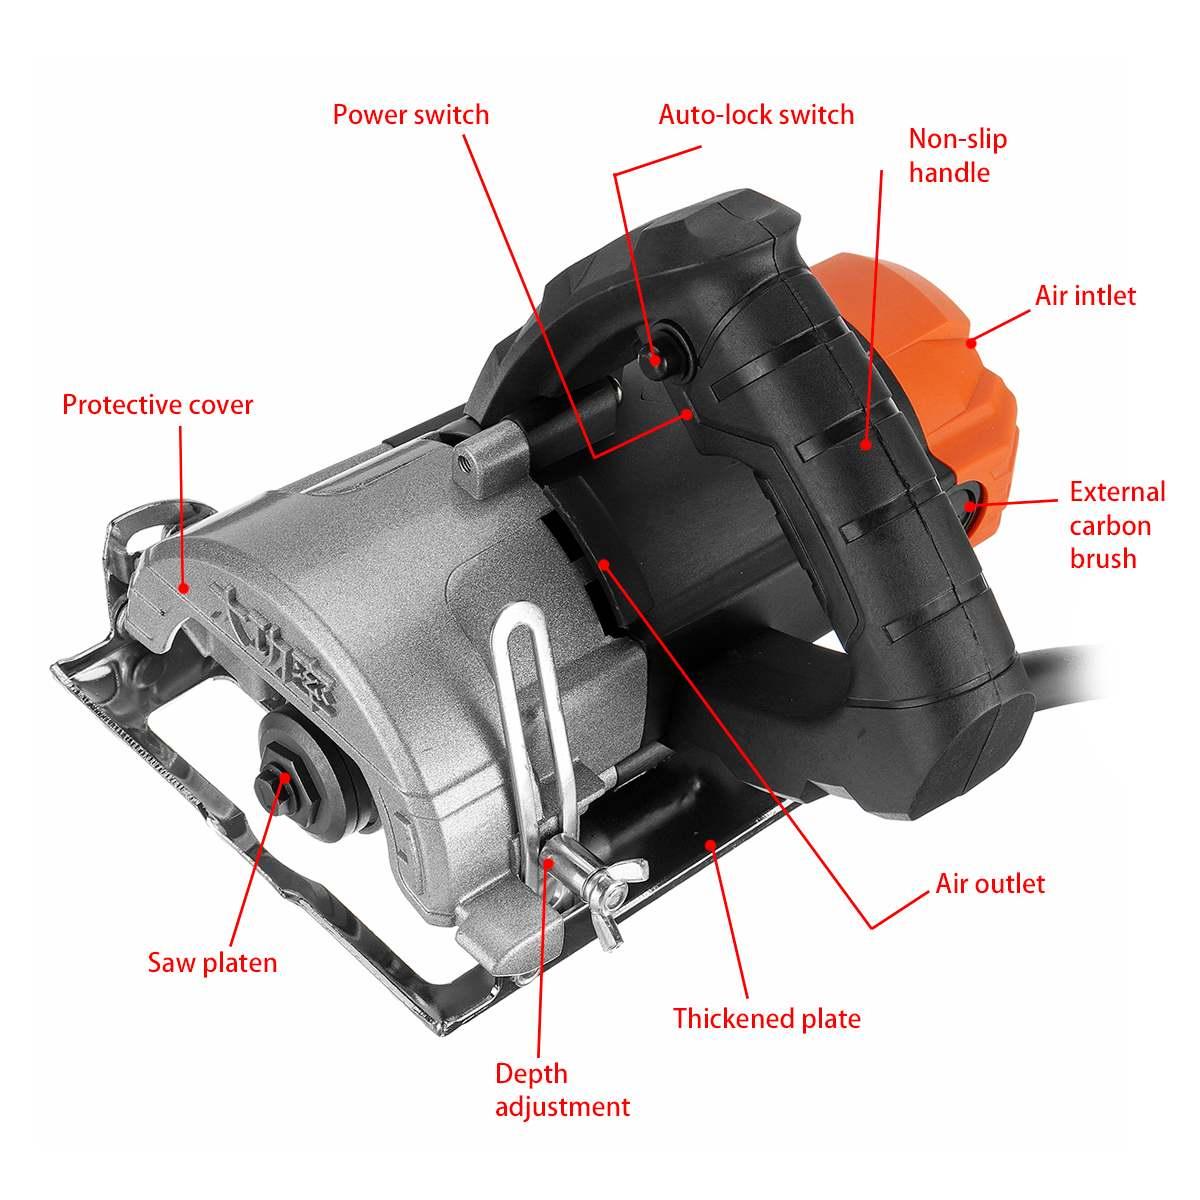 1180W moteurs de scie électrique 110mm lame 13000 tr/min haute vitesse bois métal portable Machine de découpe fil scie céramique marbre carrelage outil - 3